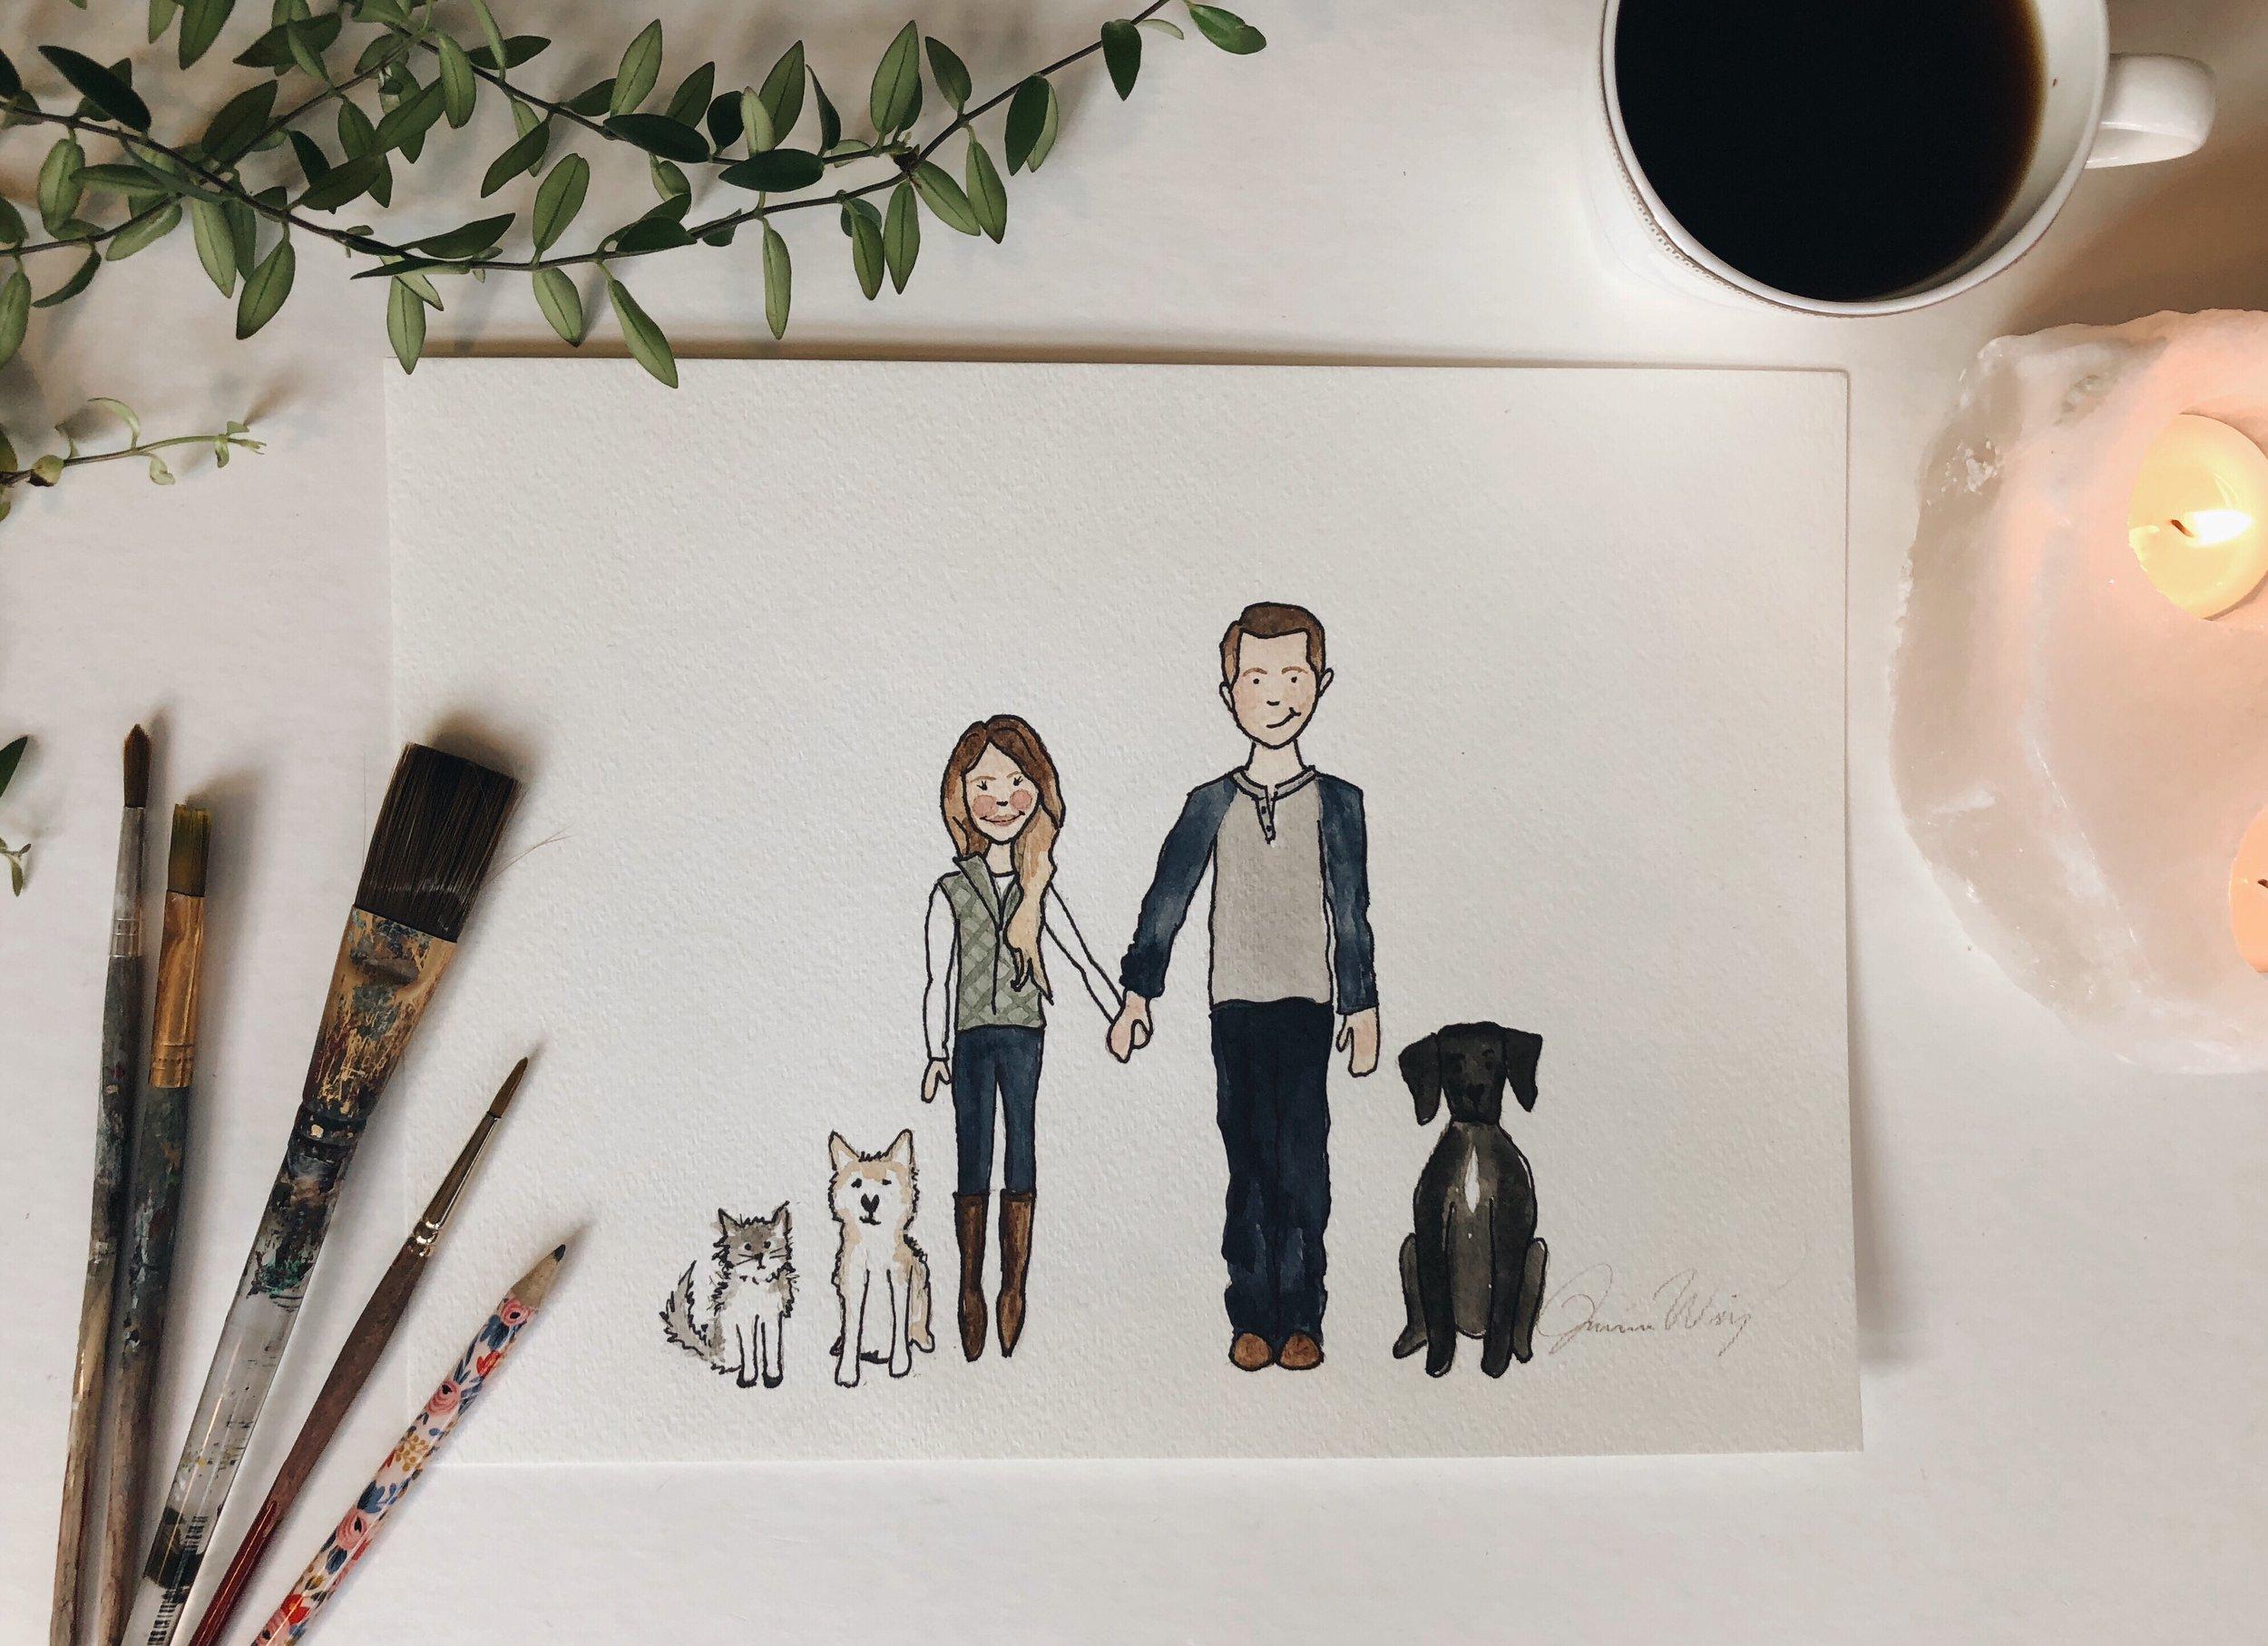 couple-illustration-gift.JPG